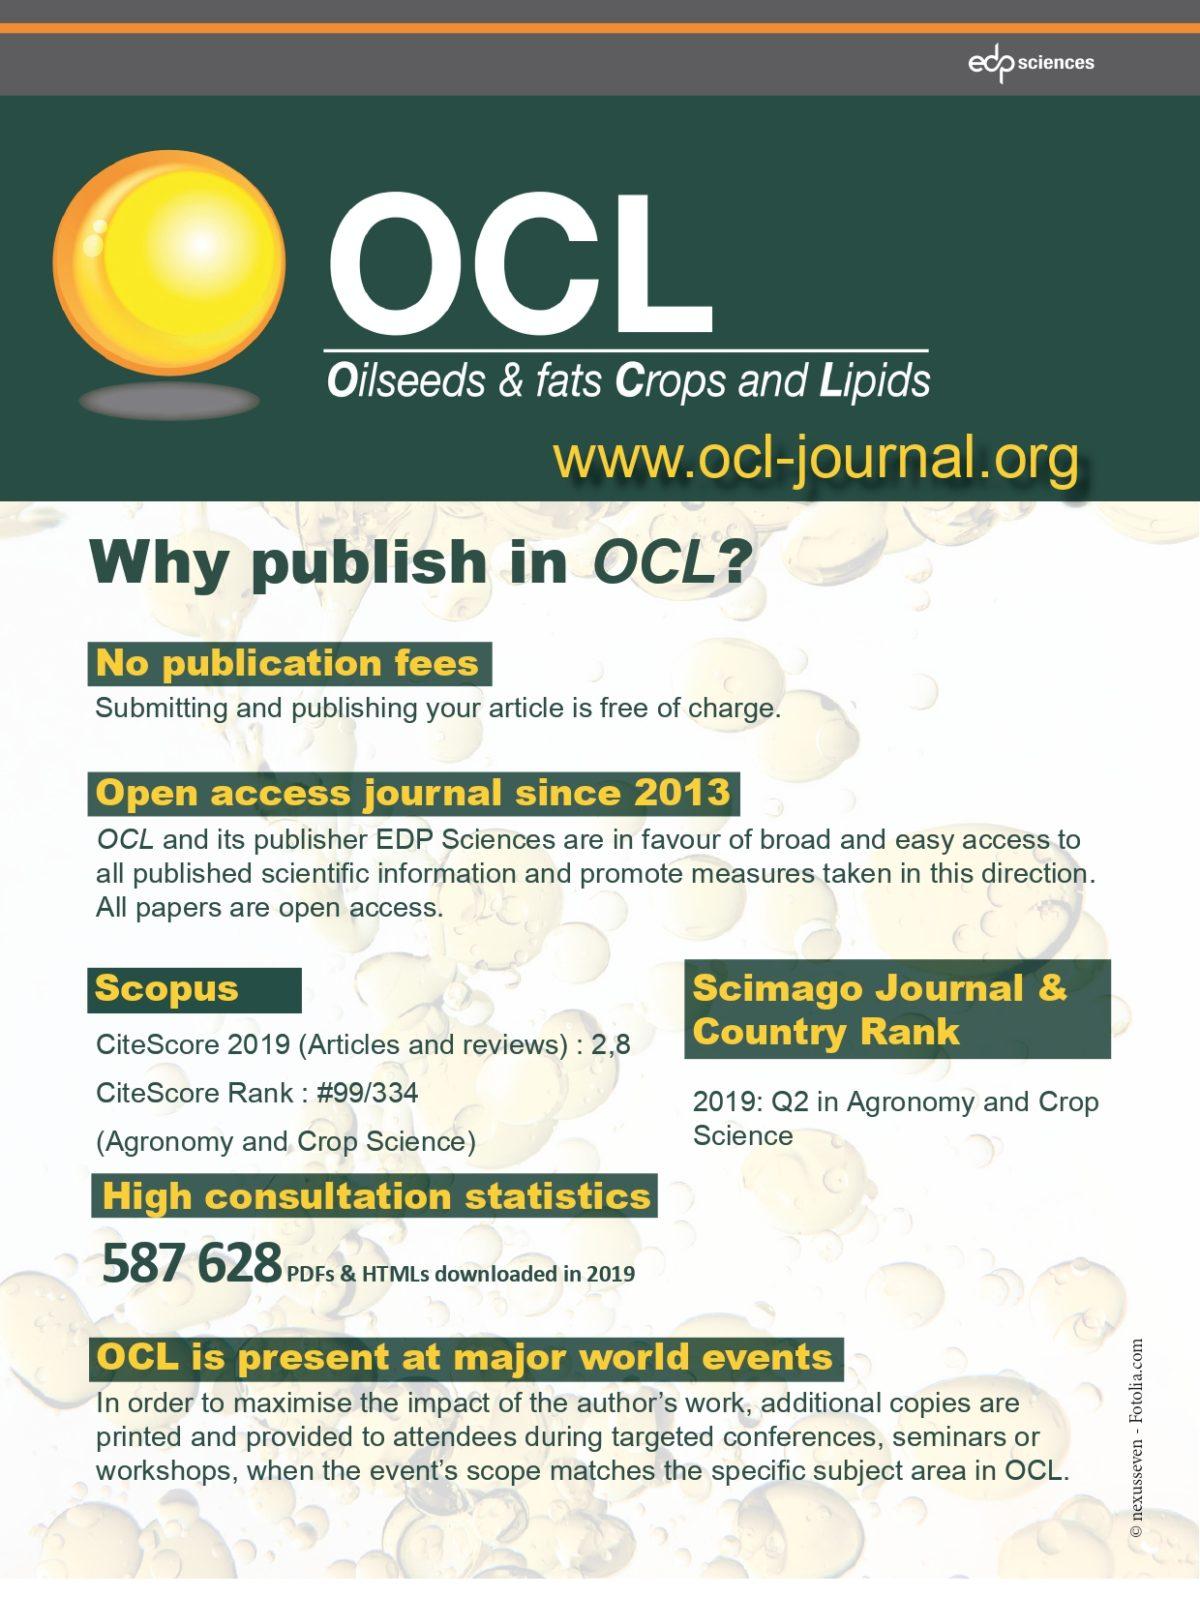 Nous sommes fiers de notre revue scientifique OCL journal !